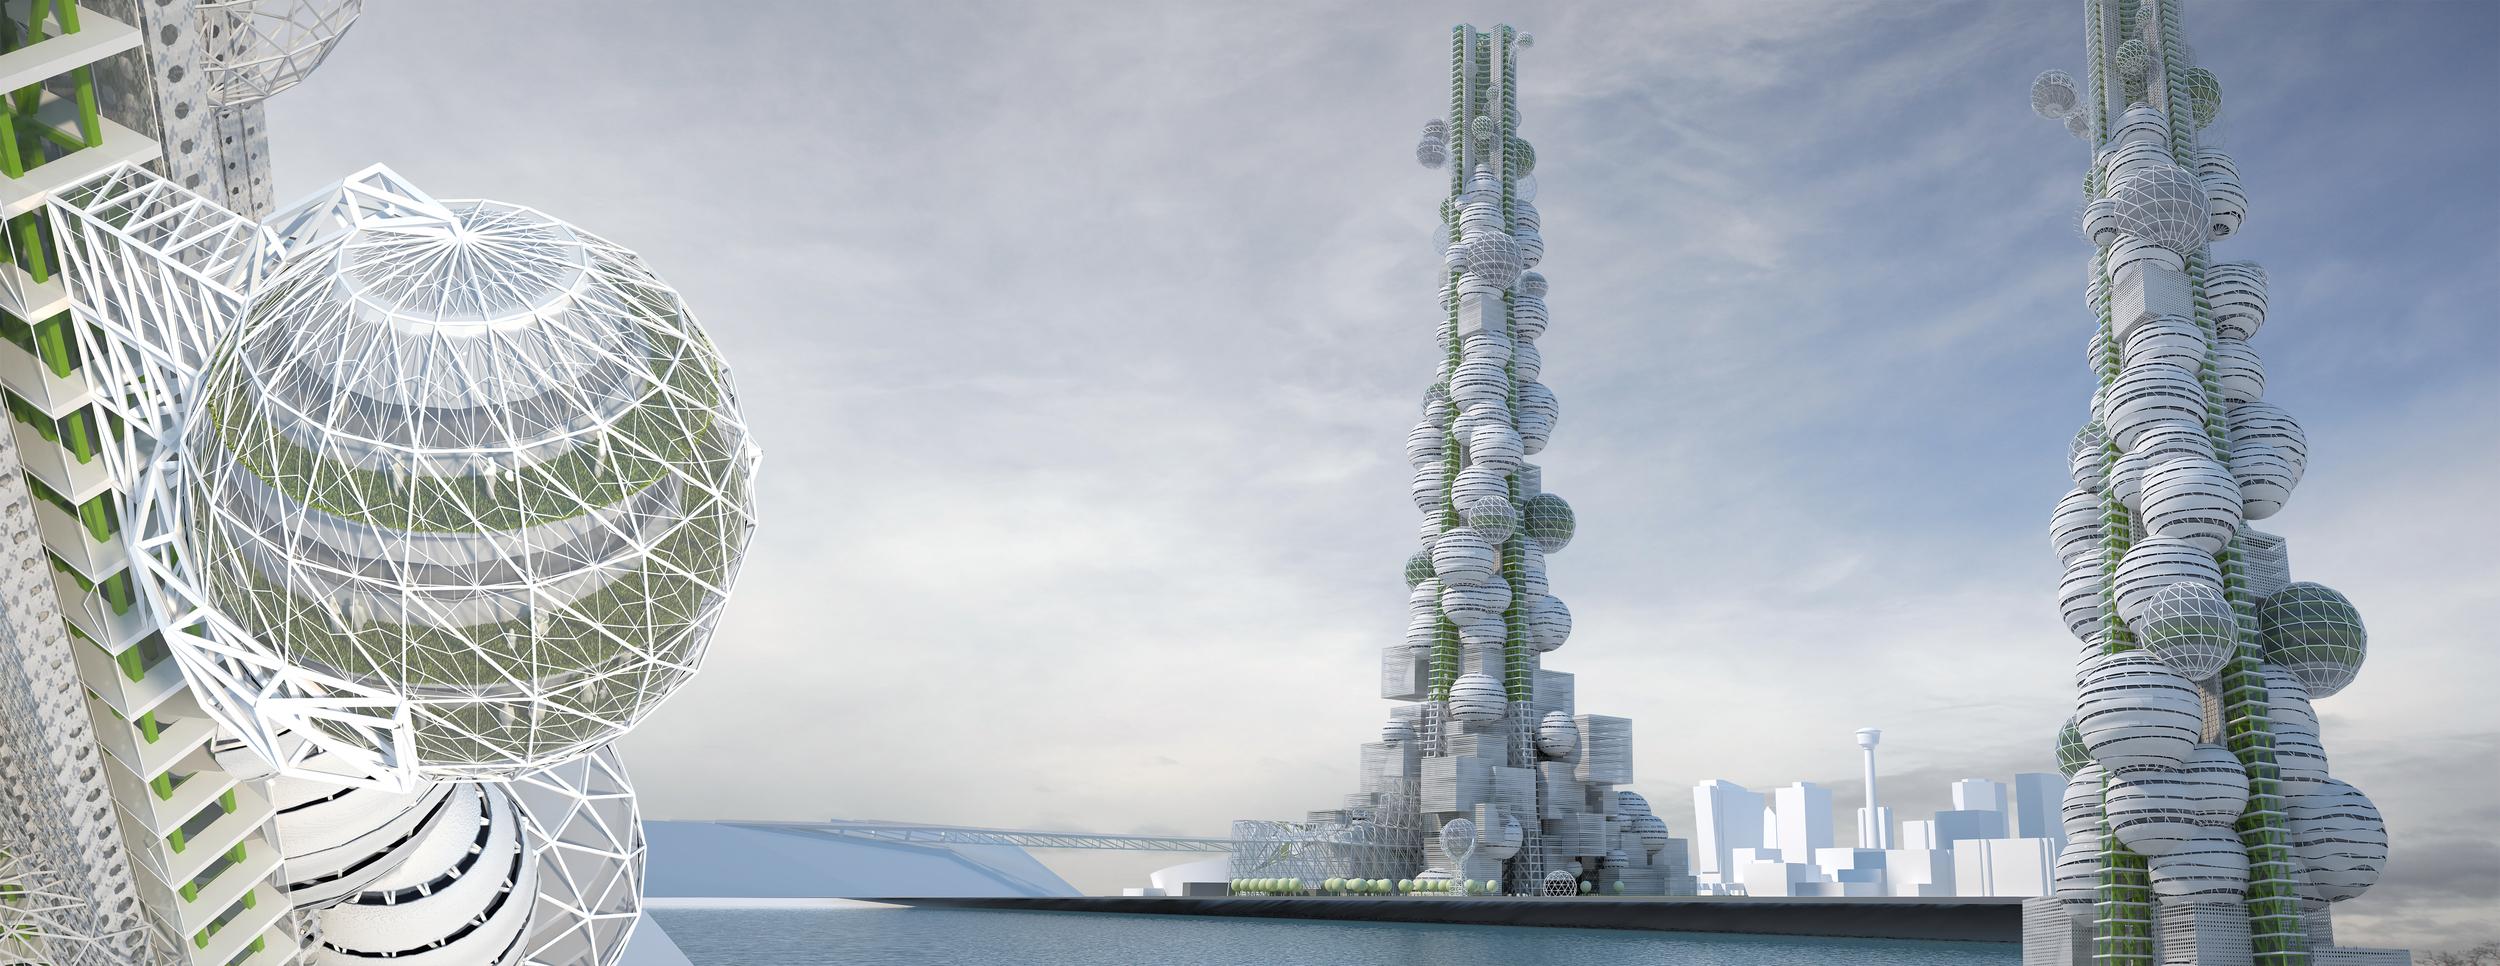 mehrdad tower.jpg